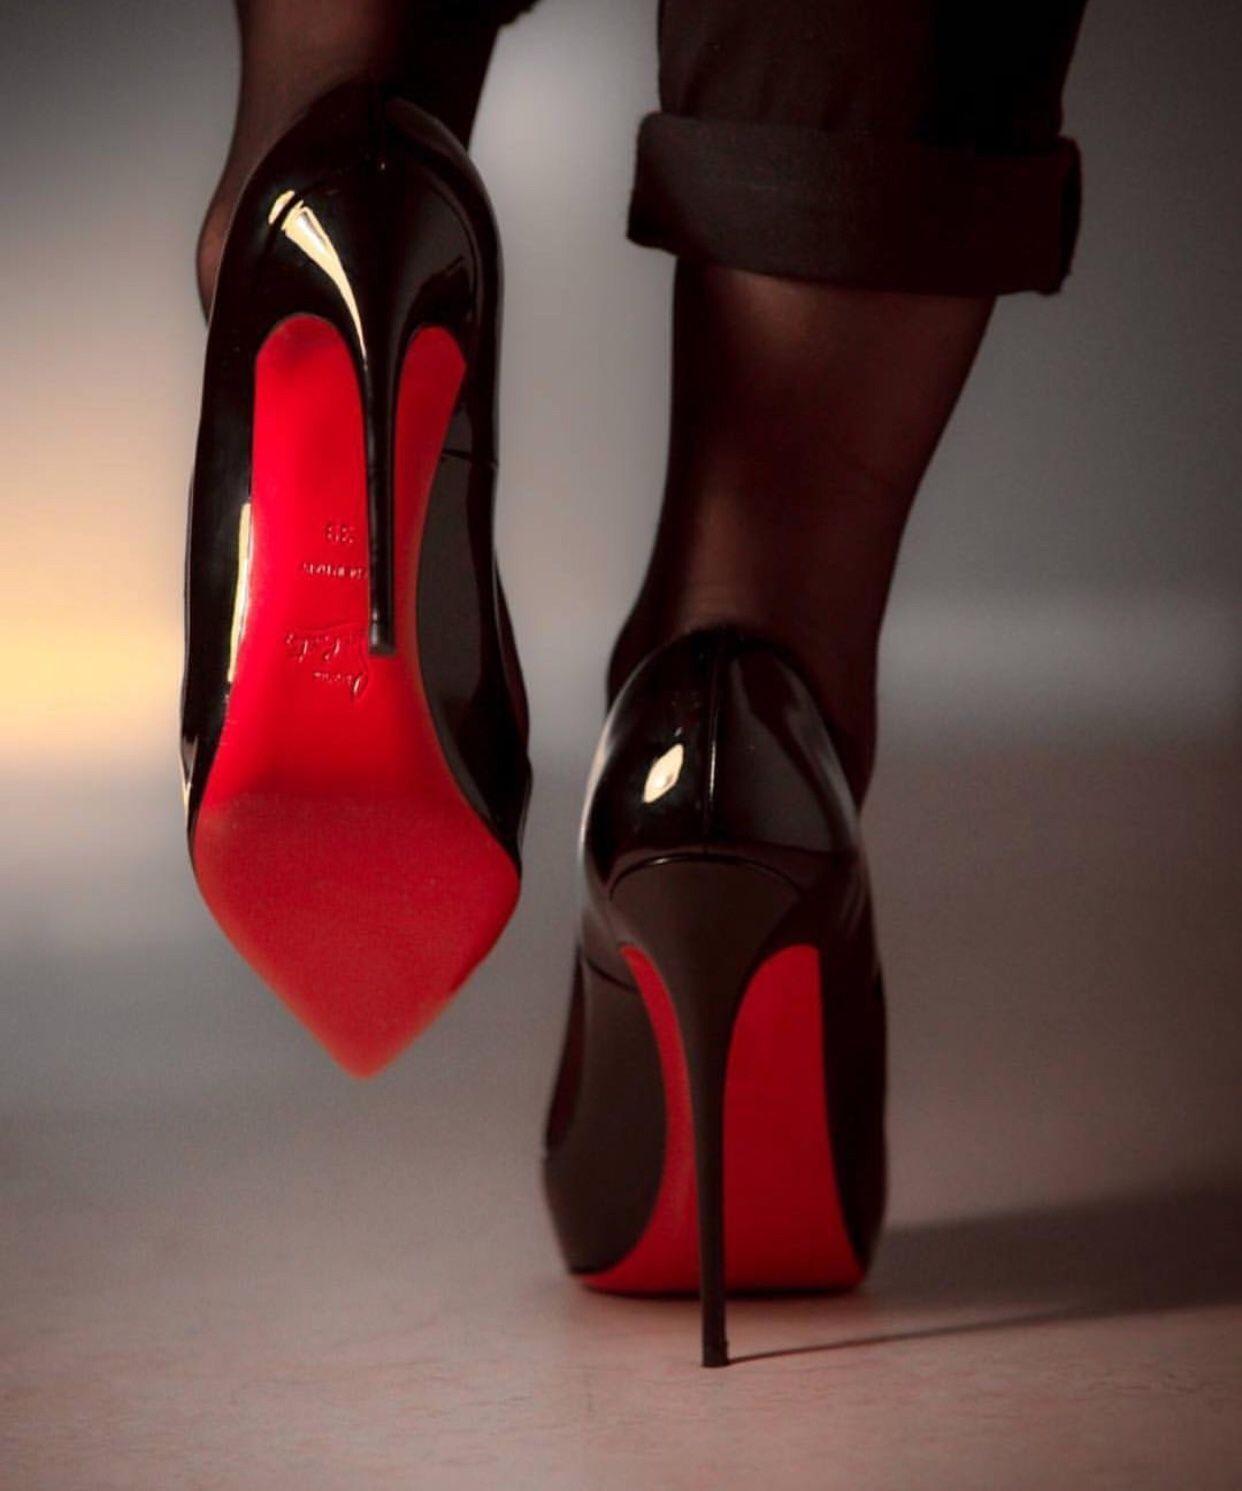 online retailer dbd99 8585f Christian louboutin so kate #Stilettoheels   Tacchi   Scarpe ...